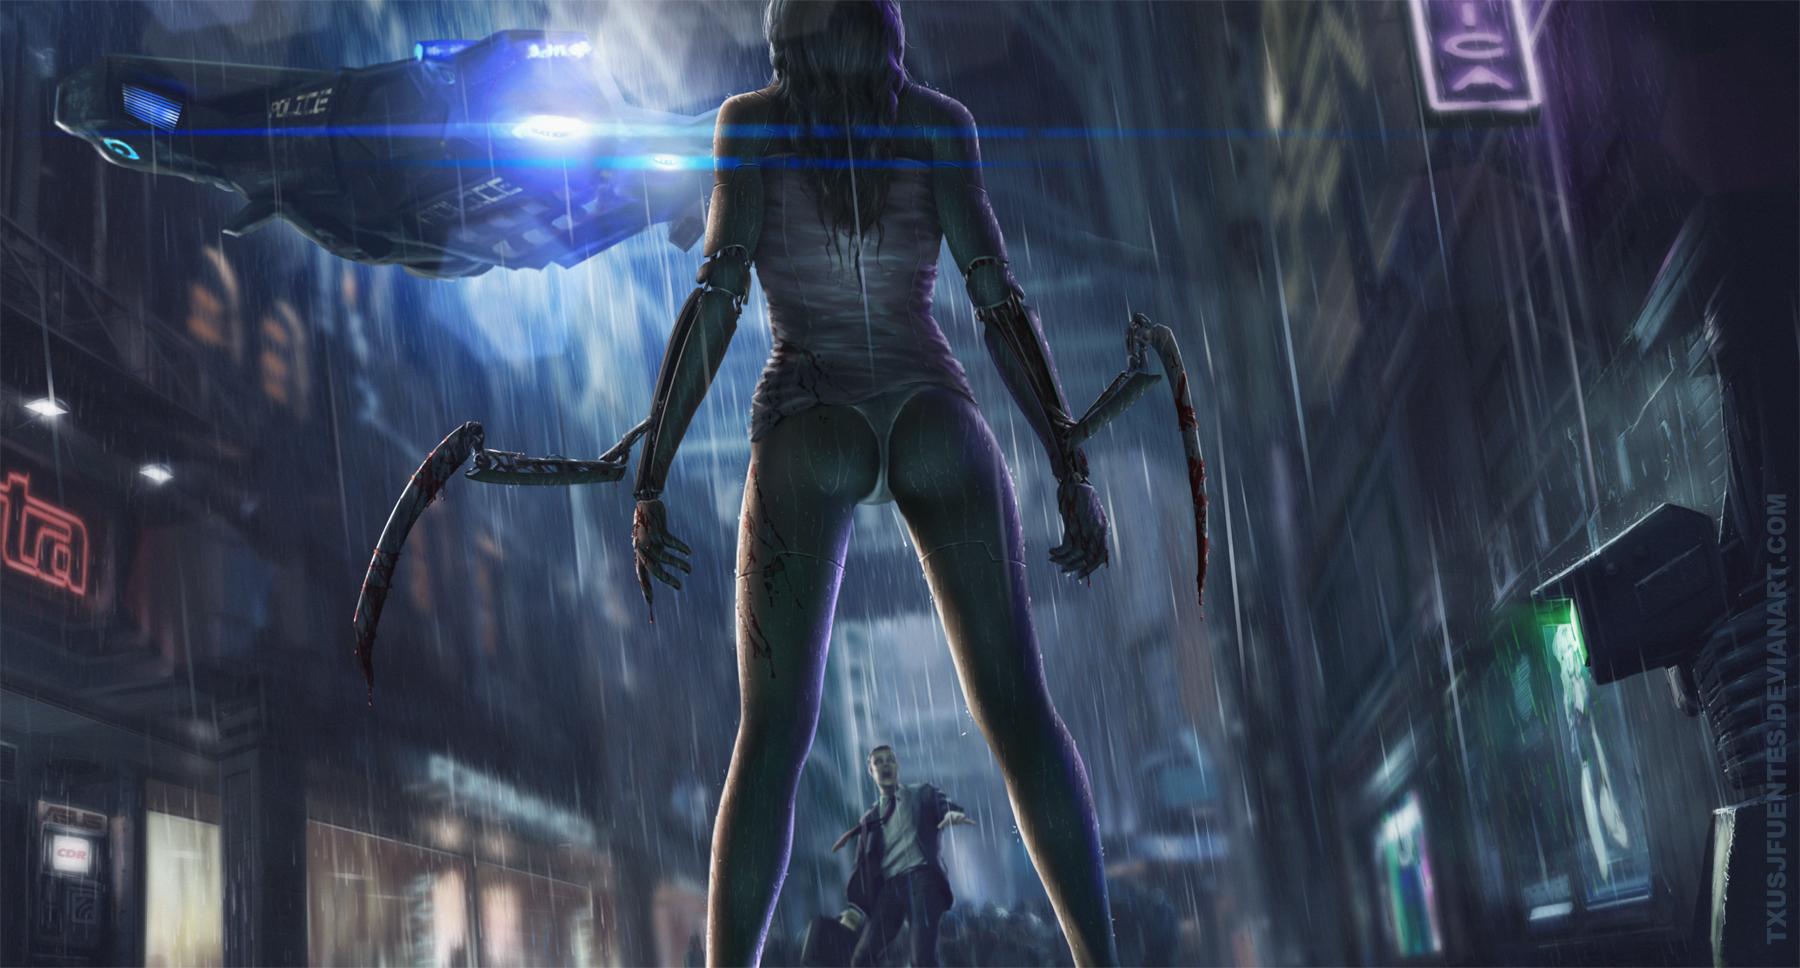 Cyberpunk 2077 fan art by Txusjfuentes on DeviantArt